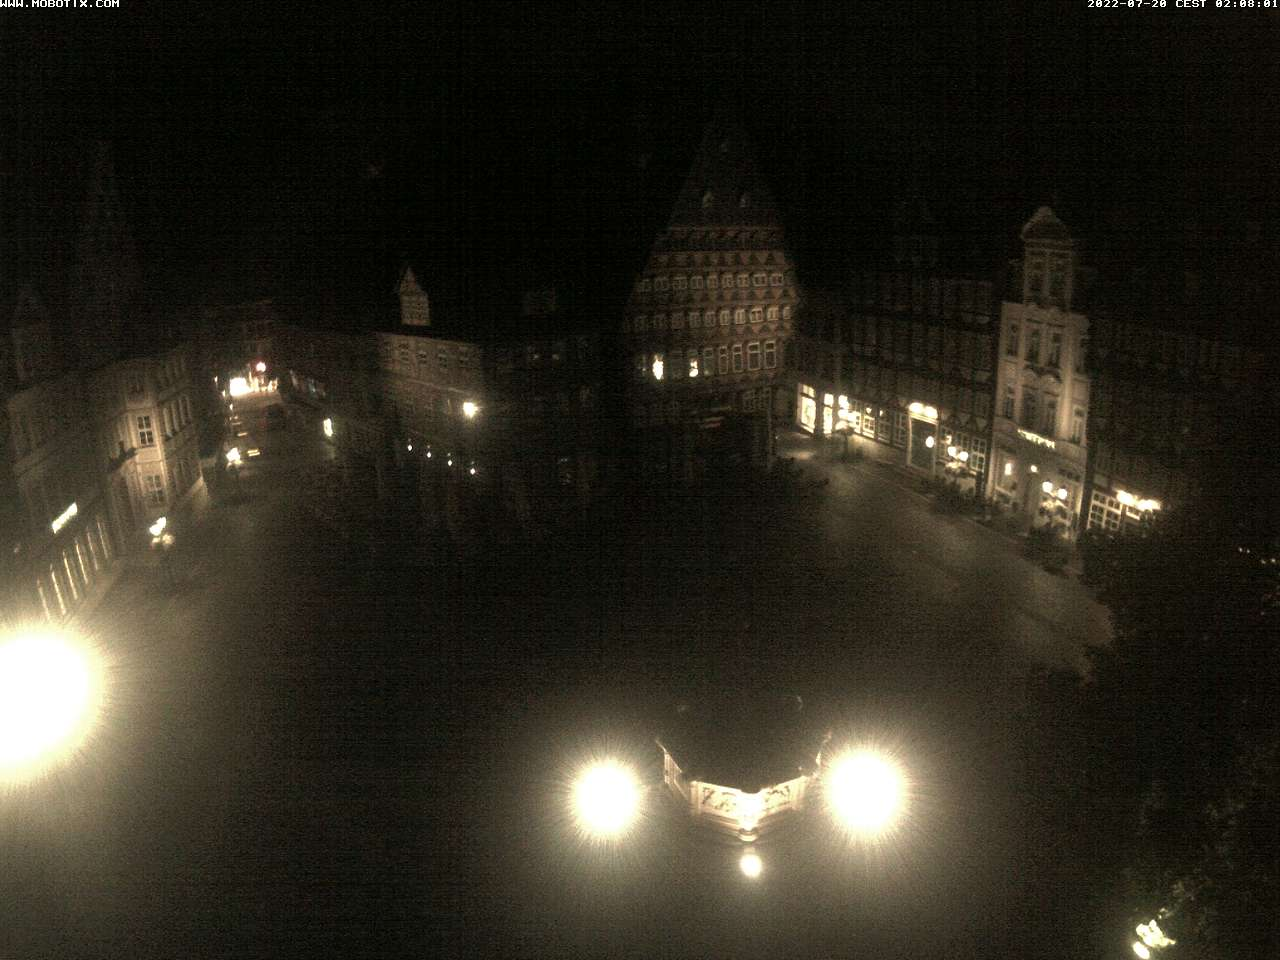 Hildesheim Wed. 02:10